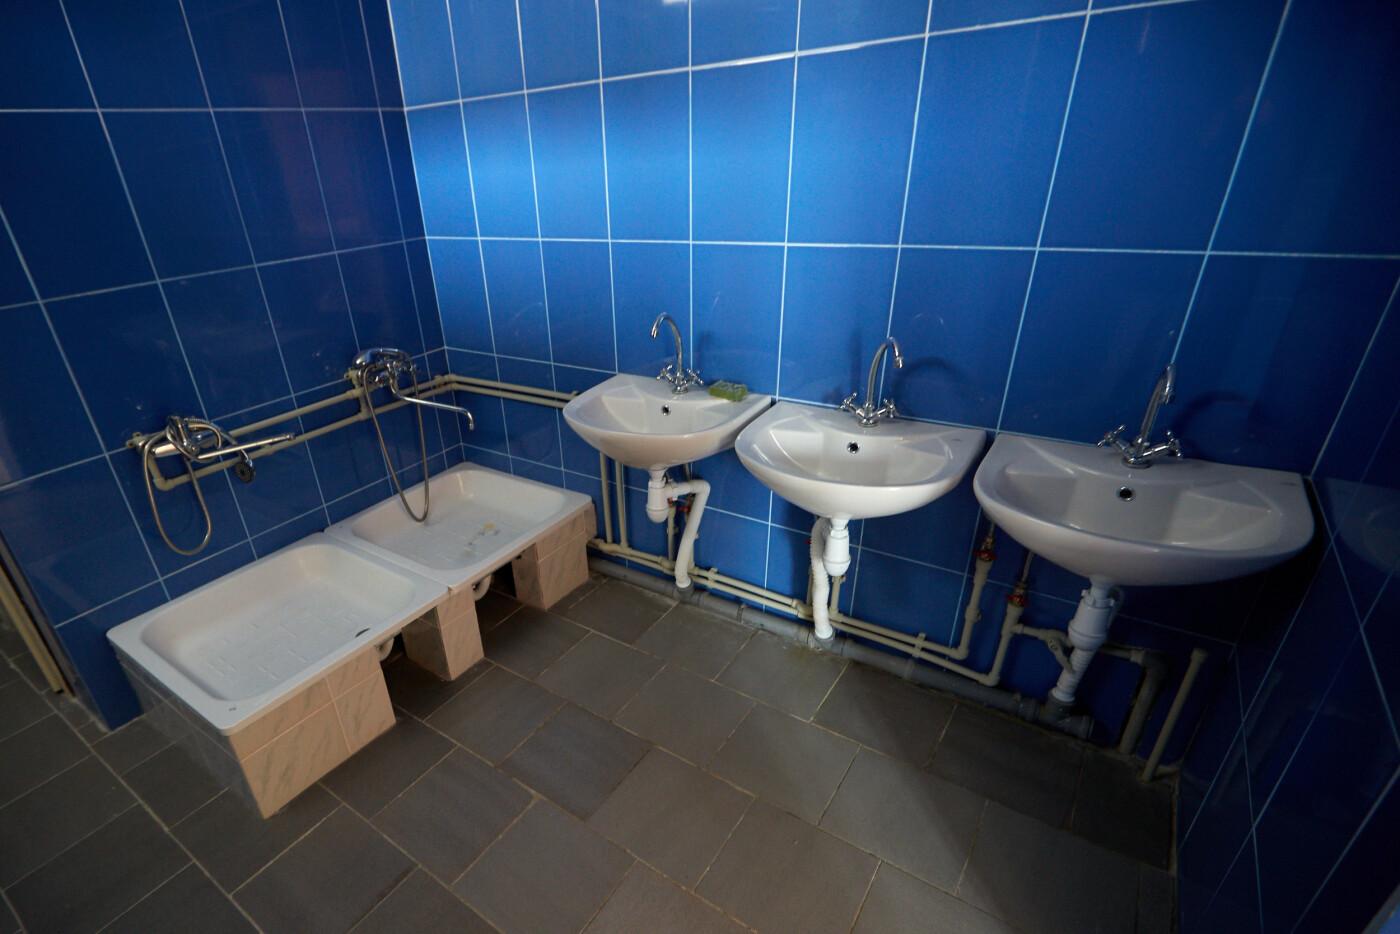 В Каменском завершается реконструкция отделений реабилитации для детей с инвалидностью, фото-5